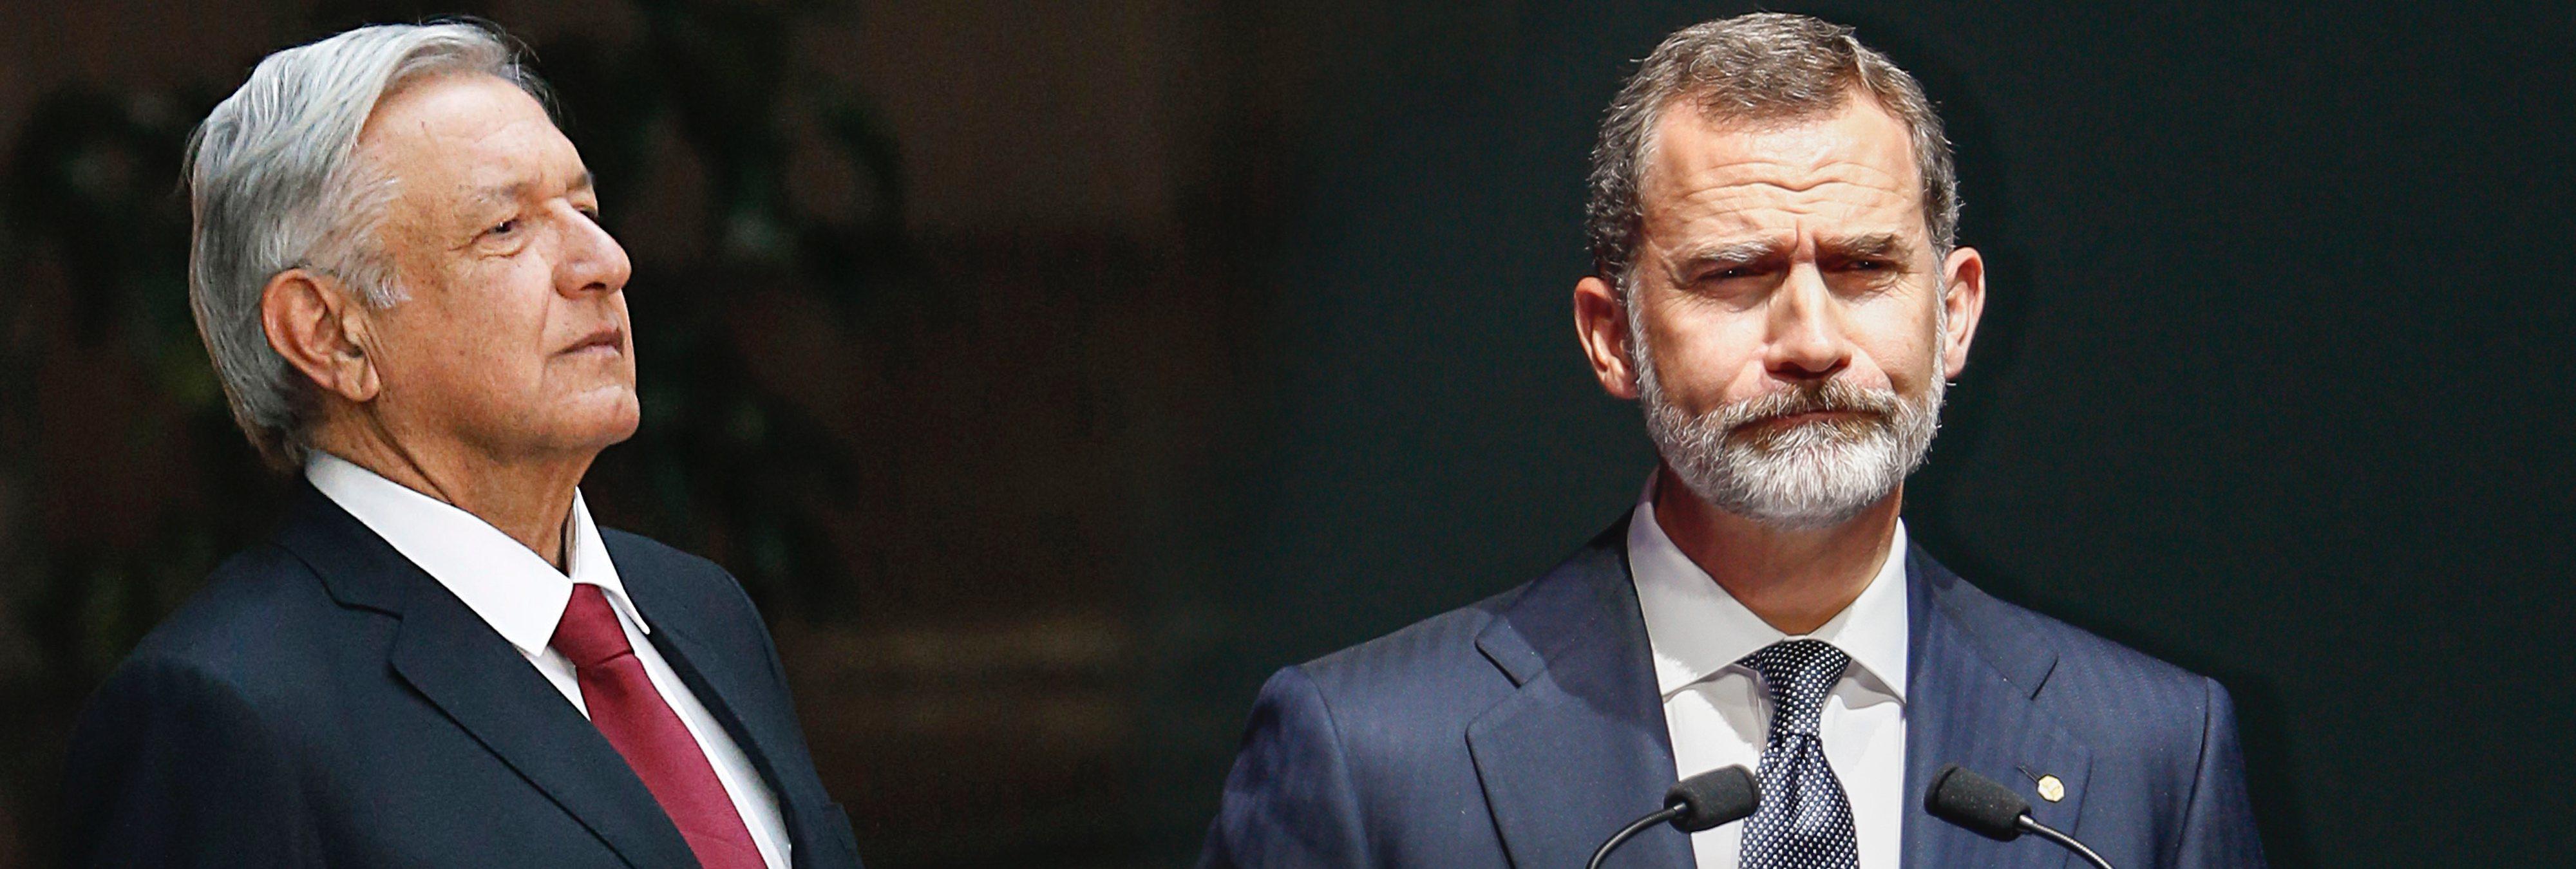 México pide al rey de España que se disculpe por las conquistas de hace 500 años